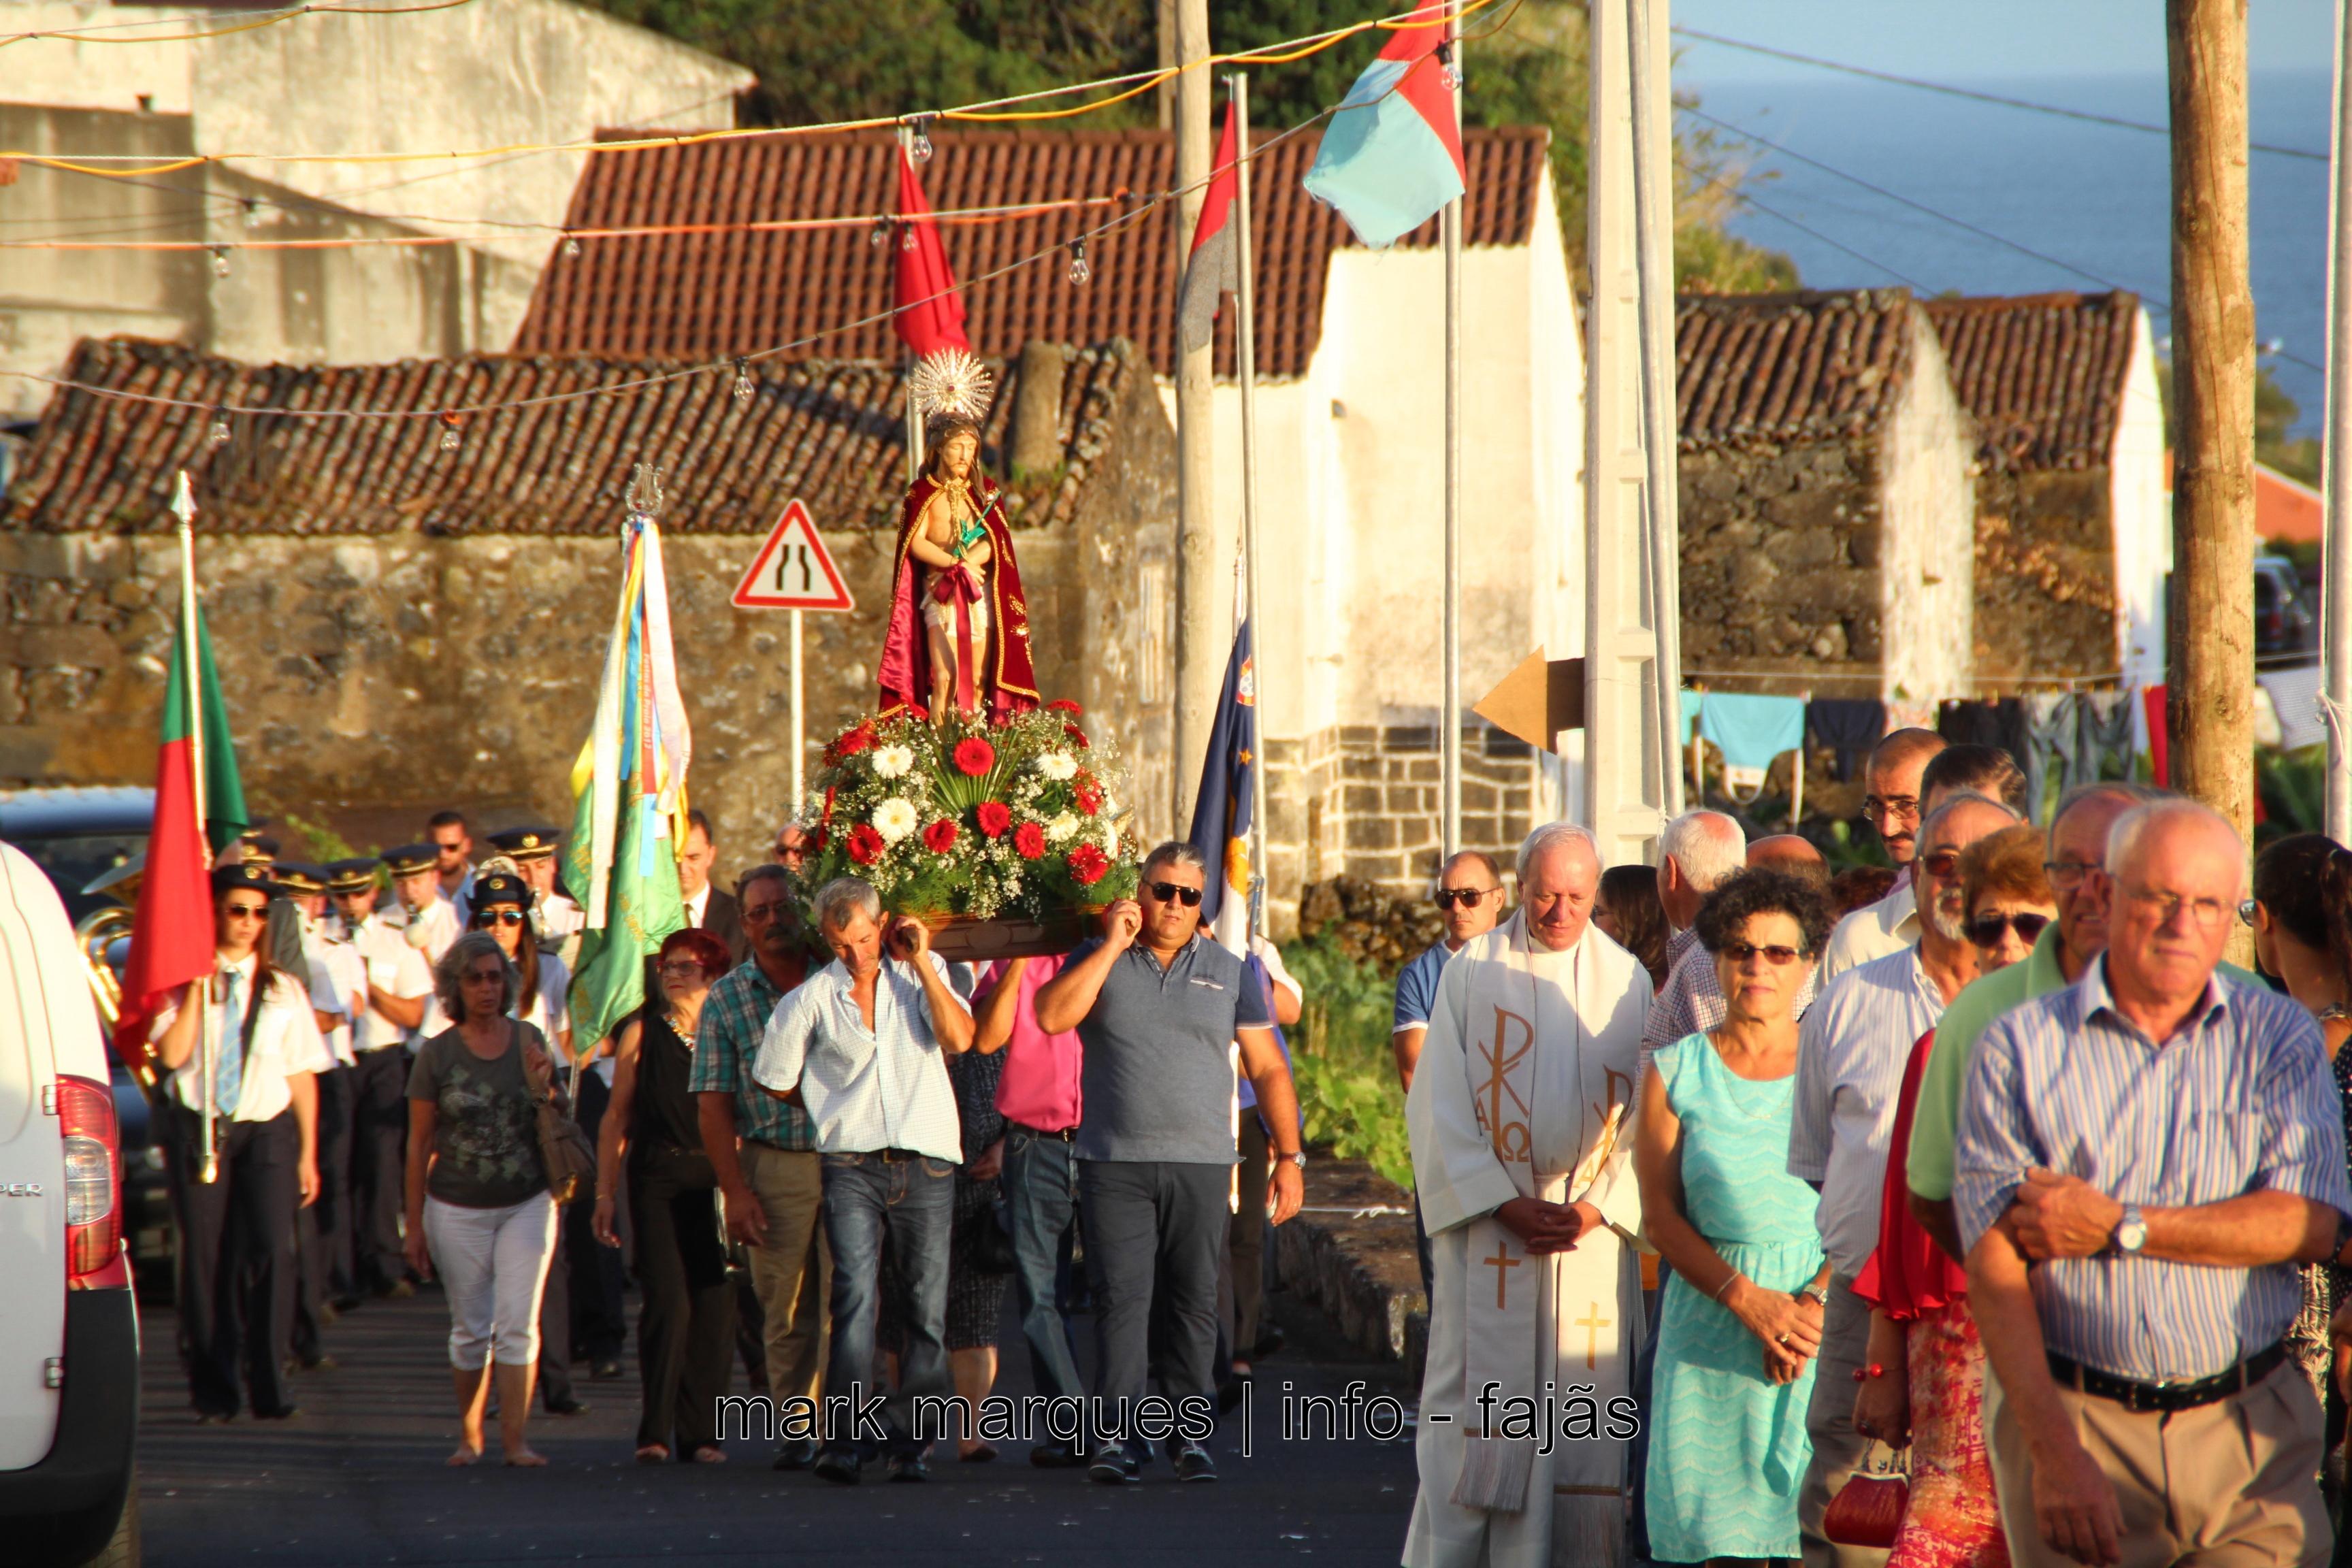 PROCISSÃO DO BOM JESUS – FAJÃ GRANDE / CALHETA – ILHA DE SÃO JORGE. (reportagem fotográfica)